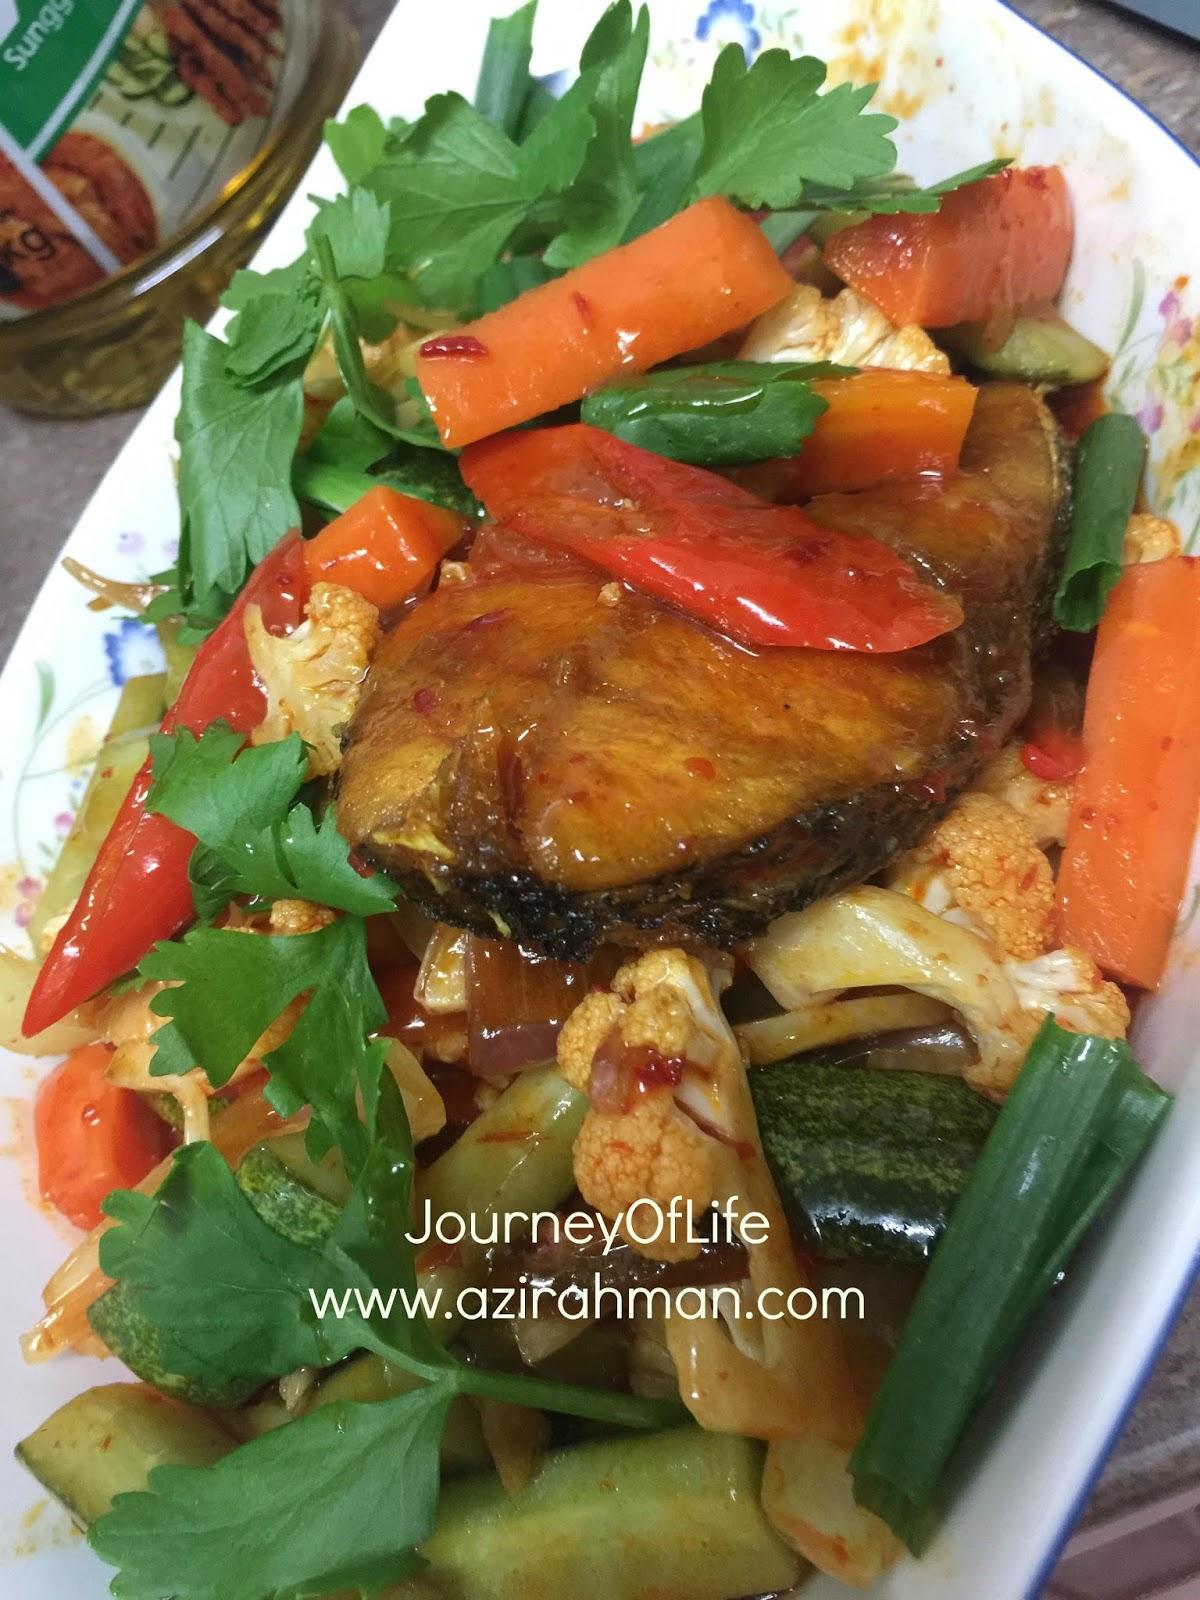 ikan goreng sweet sour, lauk mudah, resepi mudah, cepat makan